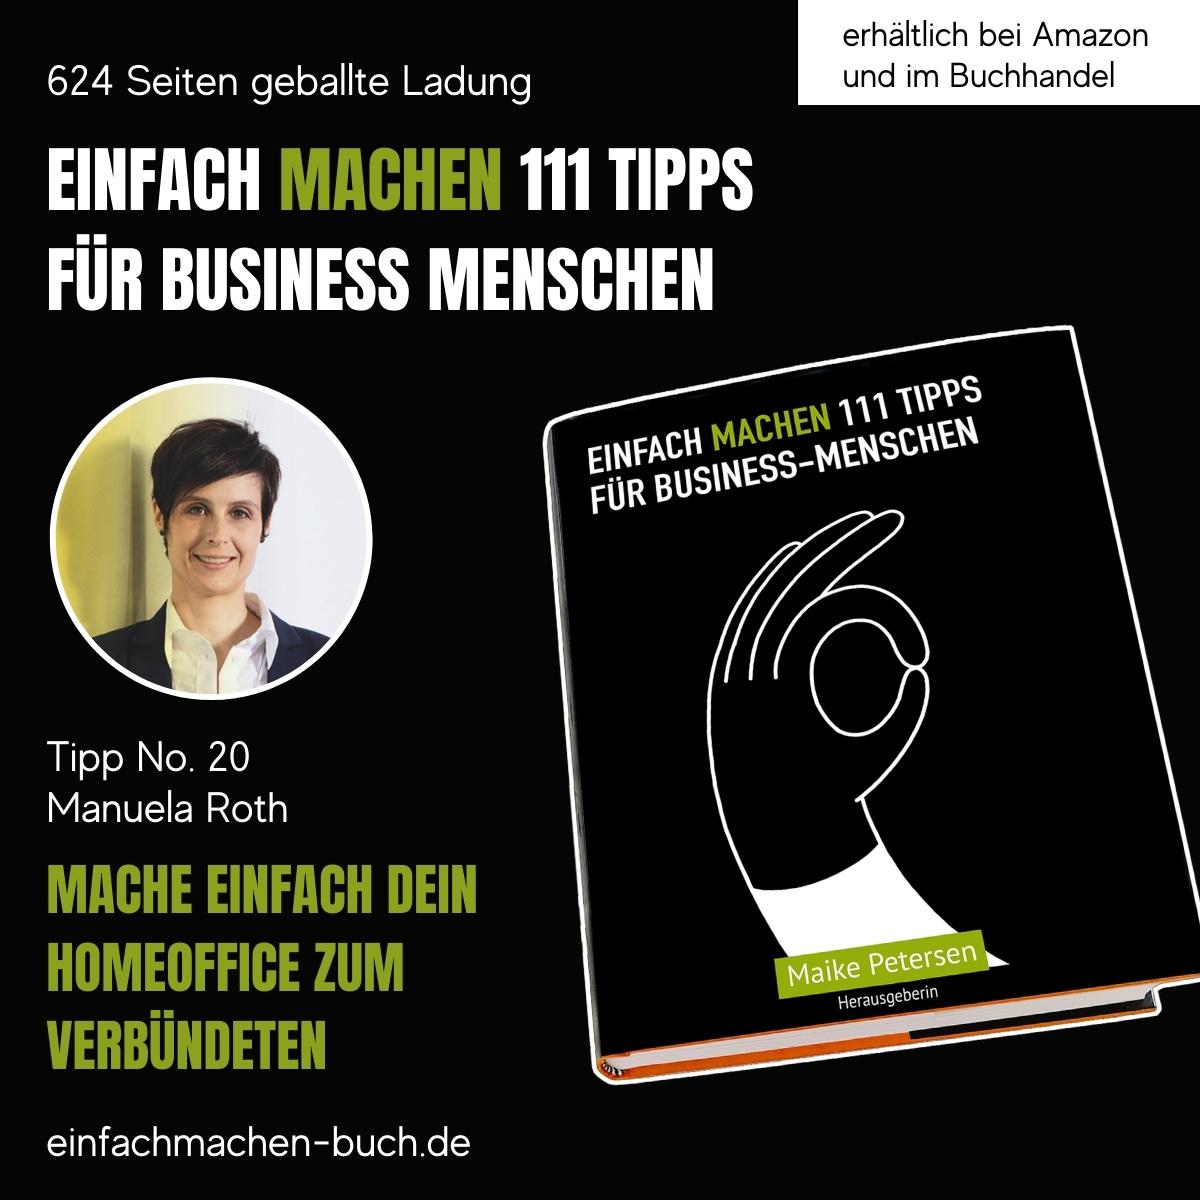 EINFACH MACHEN 111 TIPPS FÜR BUSINESS-MENSCHEN | Tipp No. 20 Manuela Roth